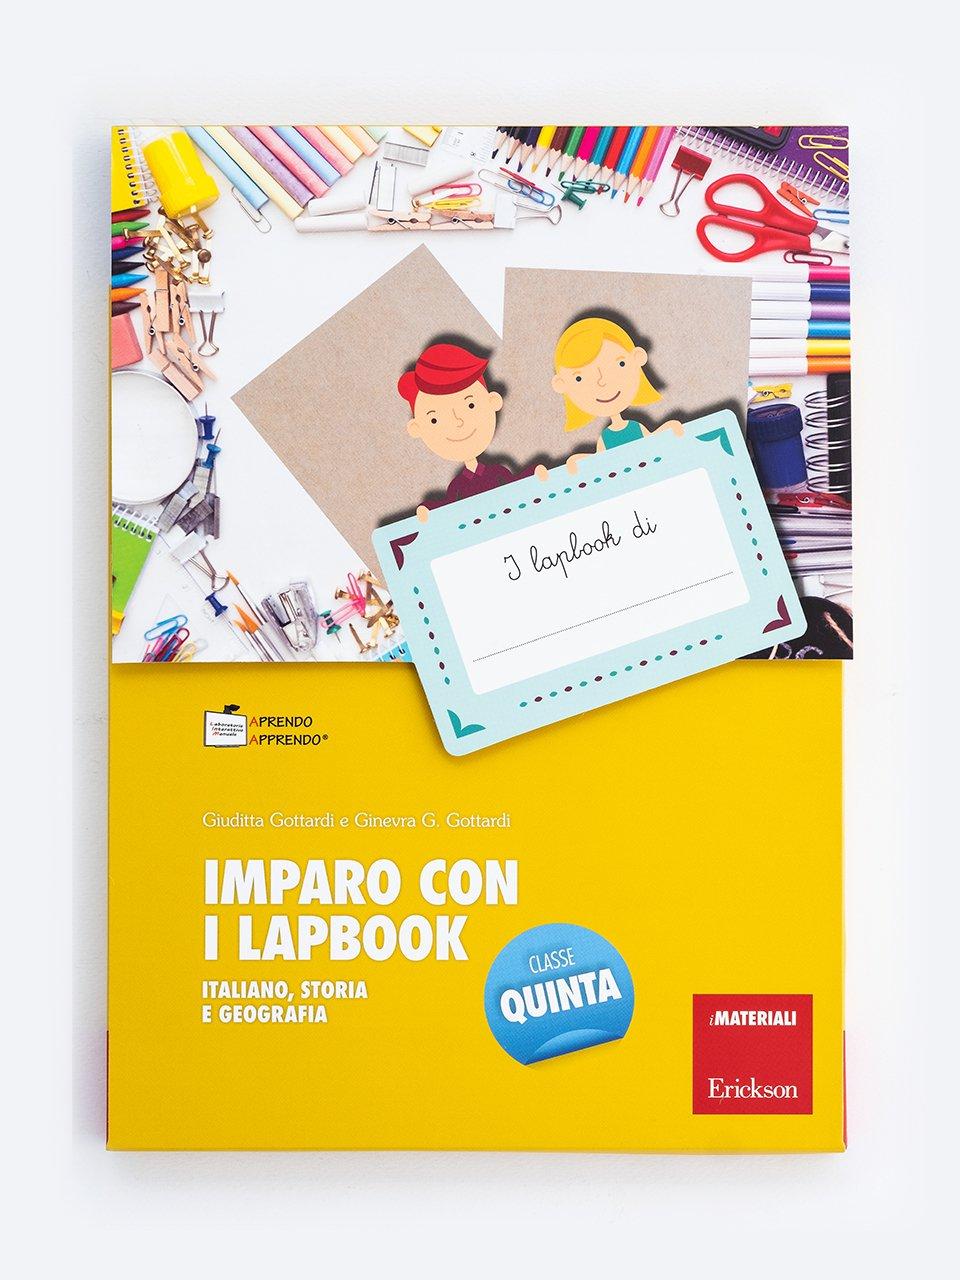 Imparo con i lapbook - Italiano, storia e geografia - Classe quinta - Come imparare e studiare meglio con i lapbook - Erickson